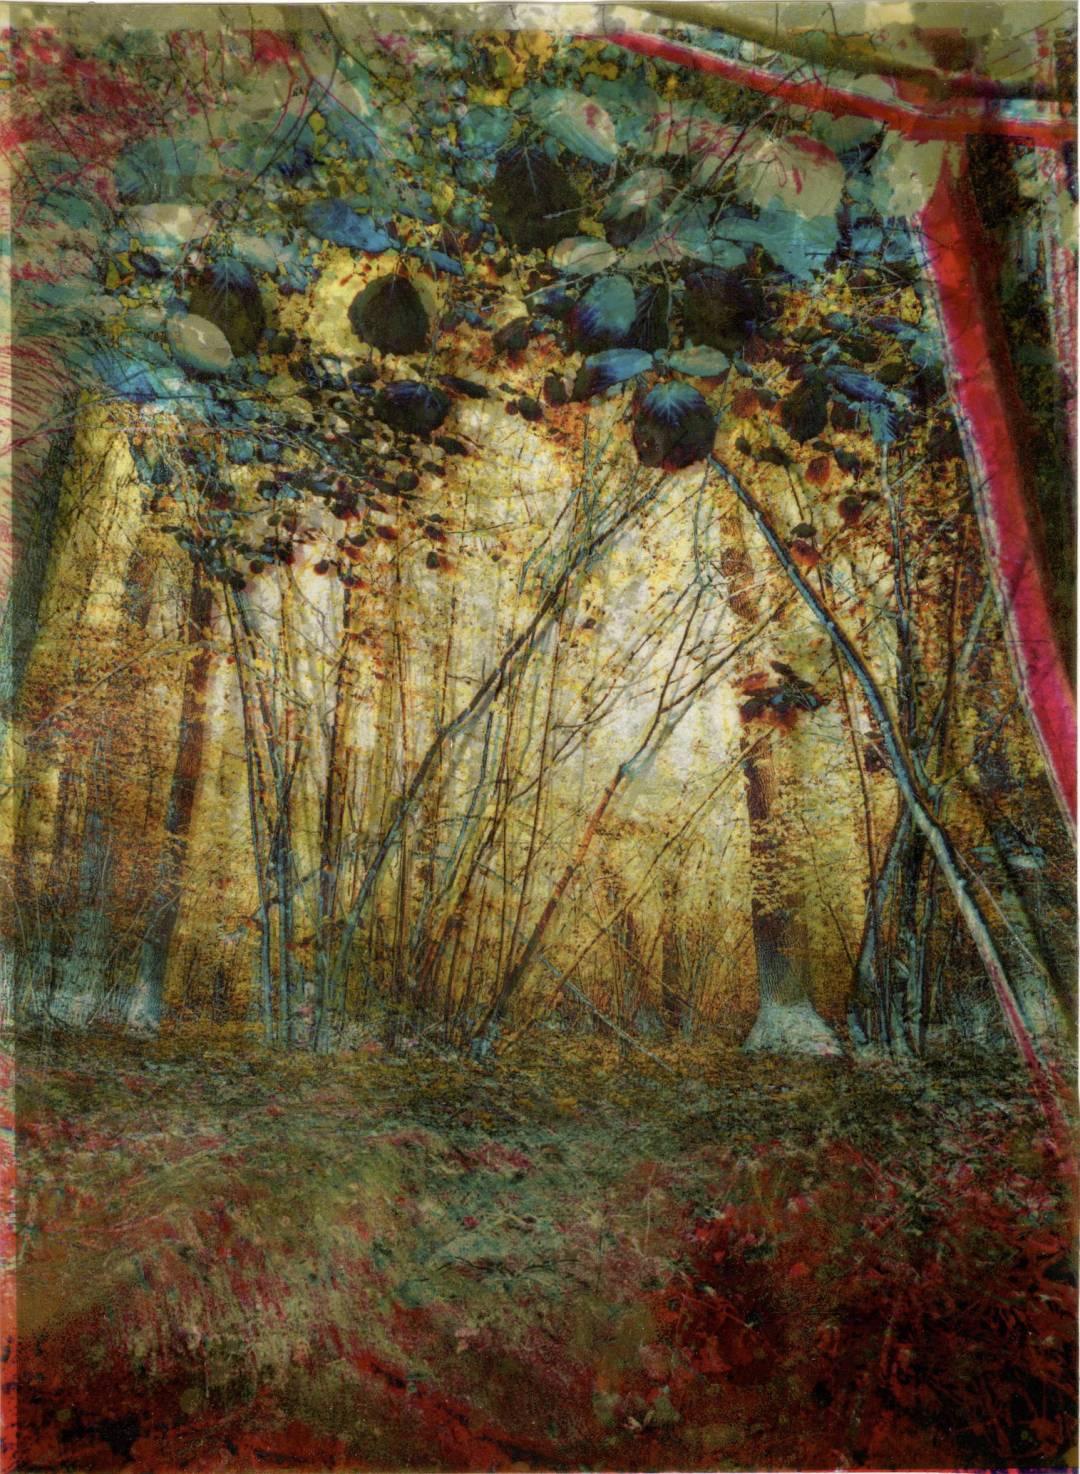 Les vibrations de la forêt #3 - copie